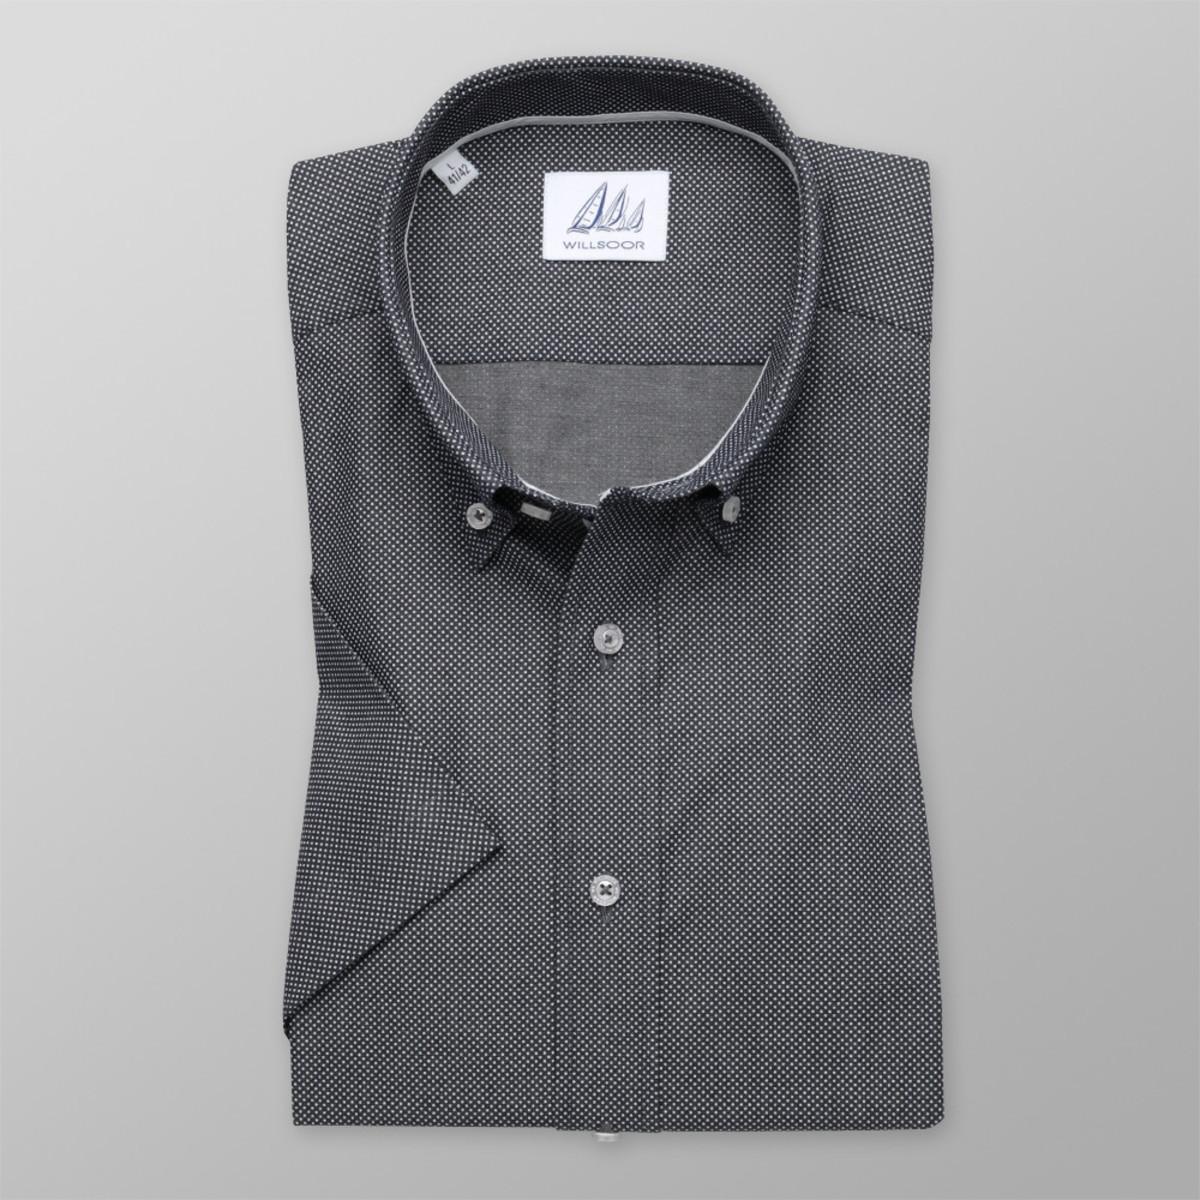 Košeľa Slim Fit tmavo sivá s jemným vzorom (výška 176 - 182) 10486 176-182 / XL (43/44)